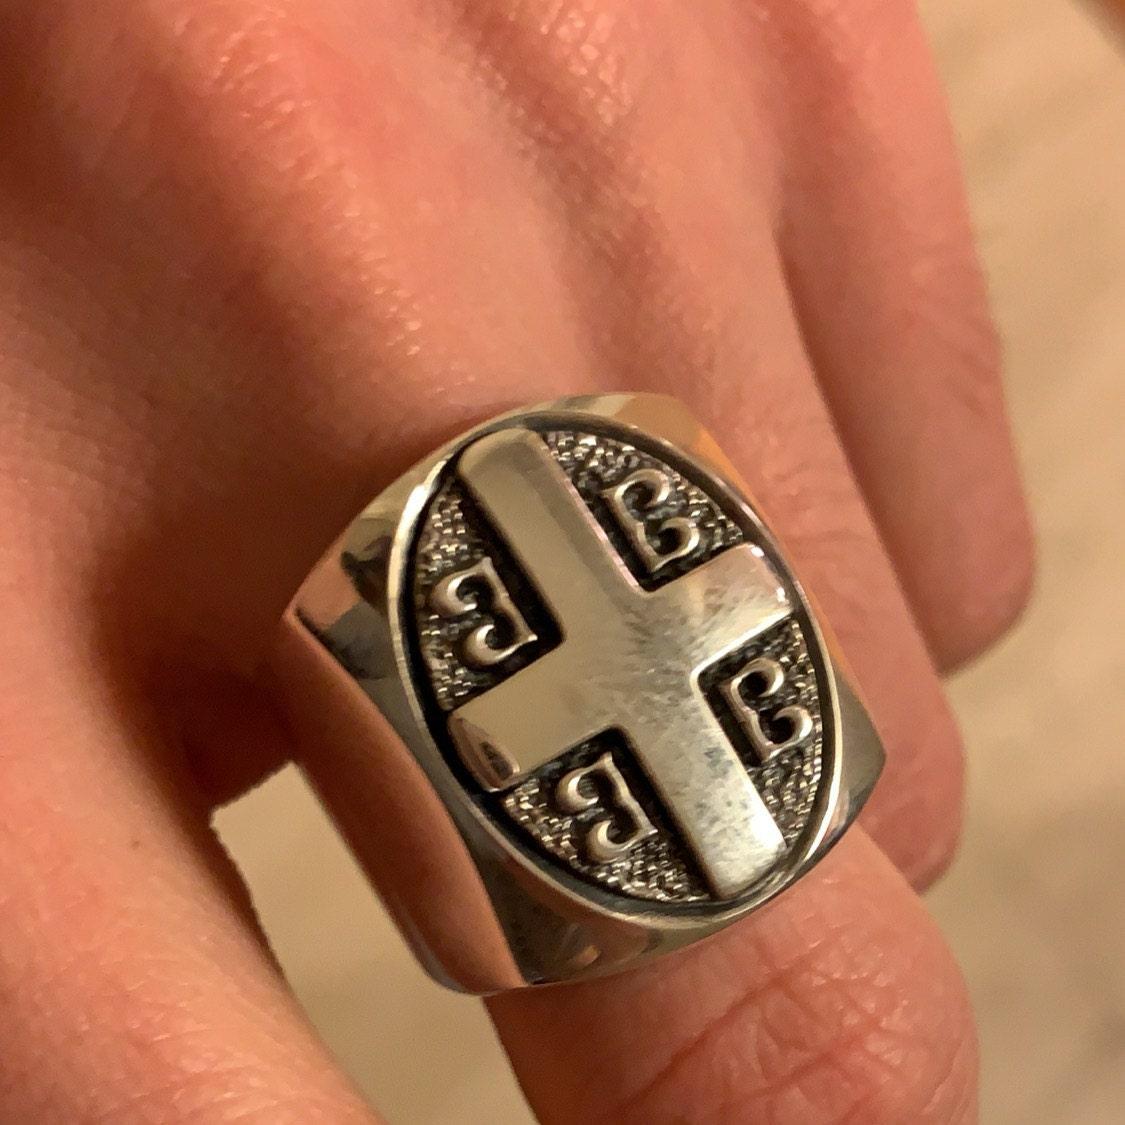 Imperial Cross Byzantine Paleologos Emblem Ring, Emperor